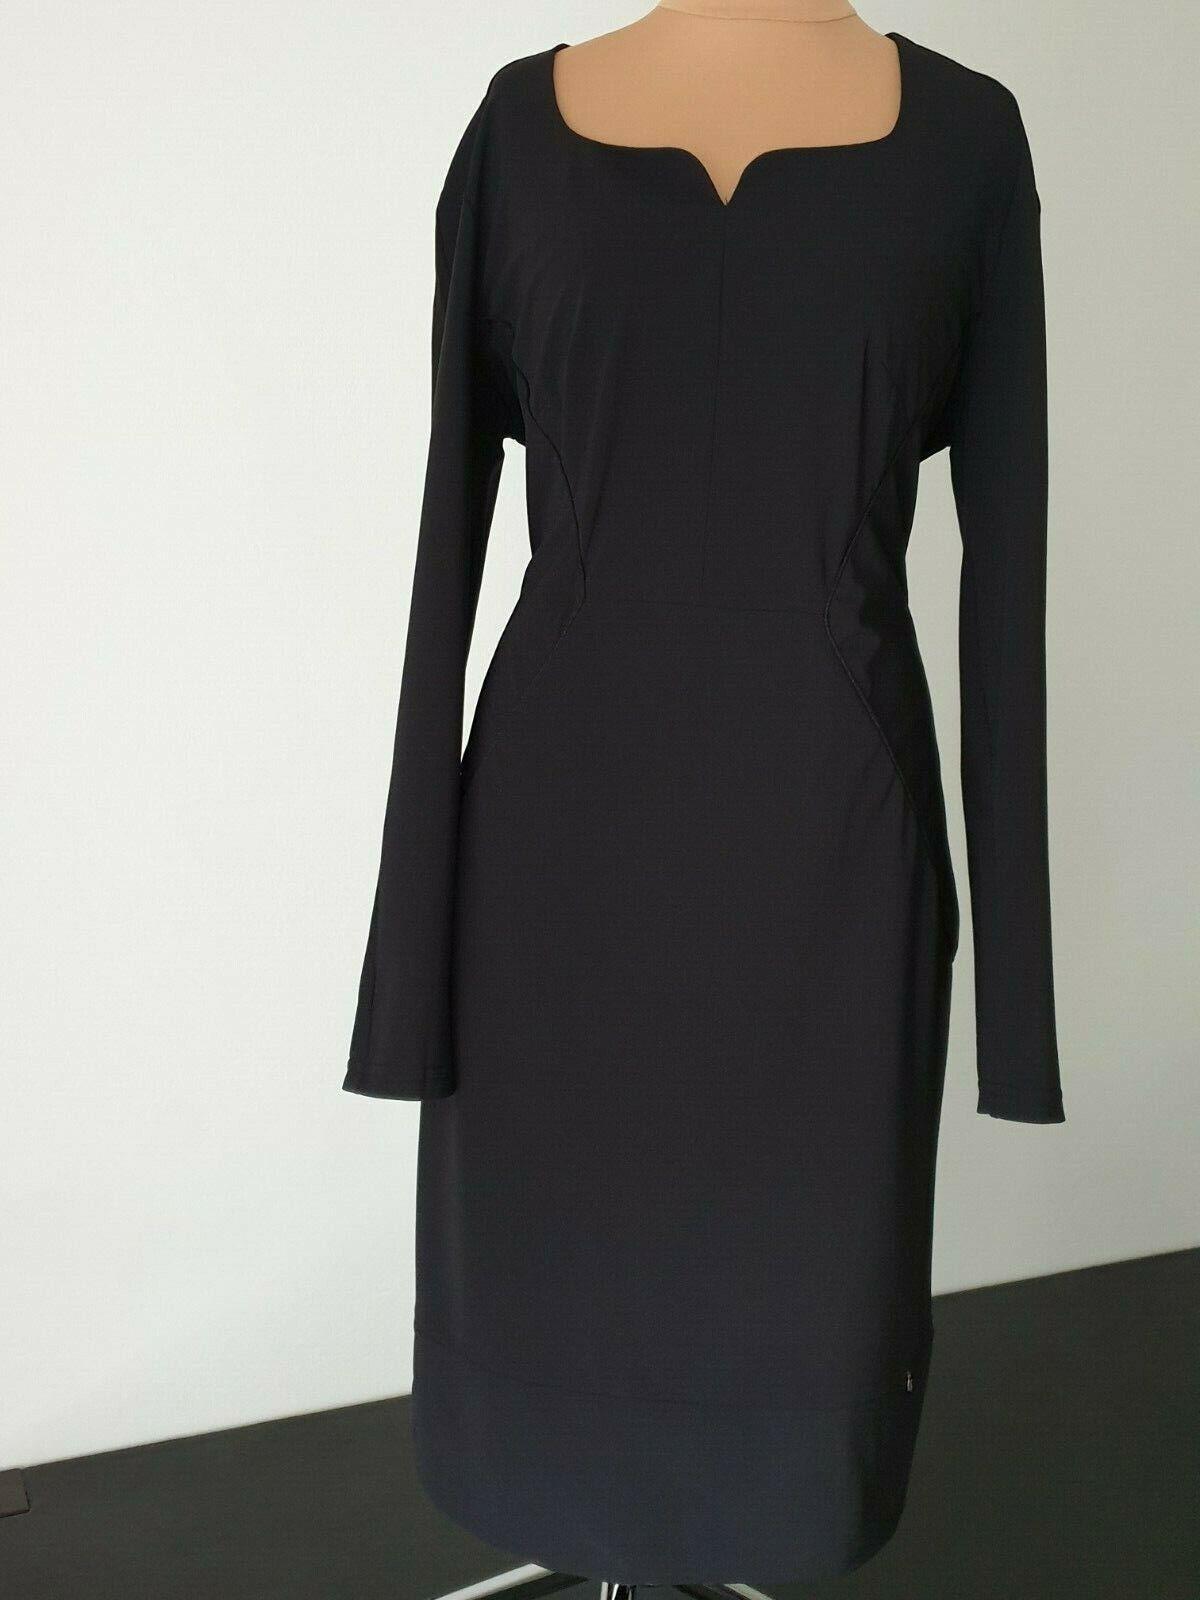 b1966cce5004e8 Jean Kleid schwarz 46 festlich neuwertig Paul nqxgbq1819-neue Kleidung